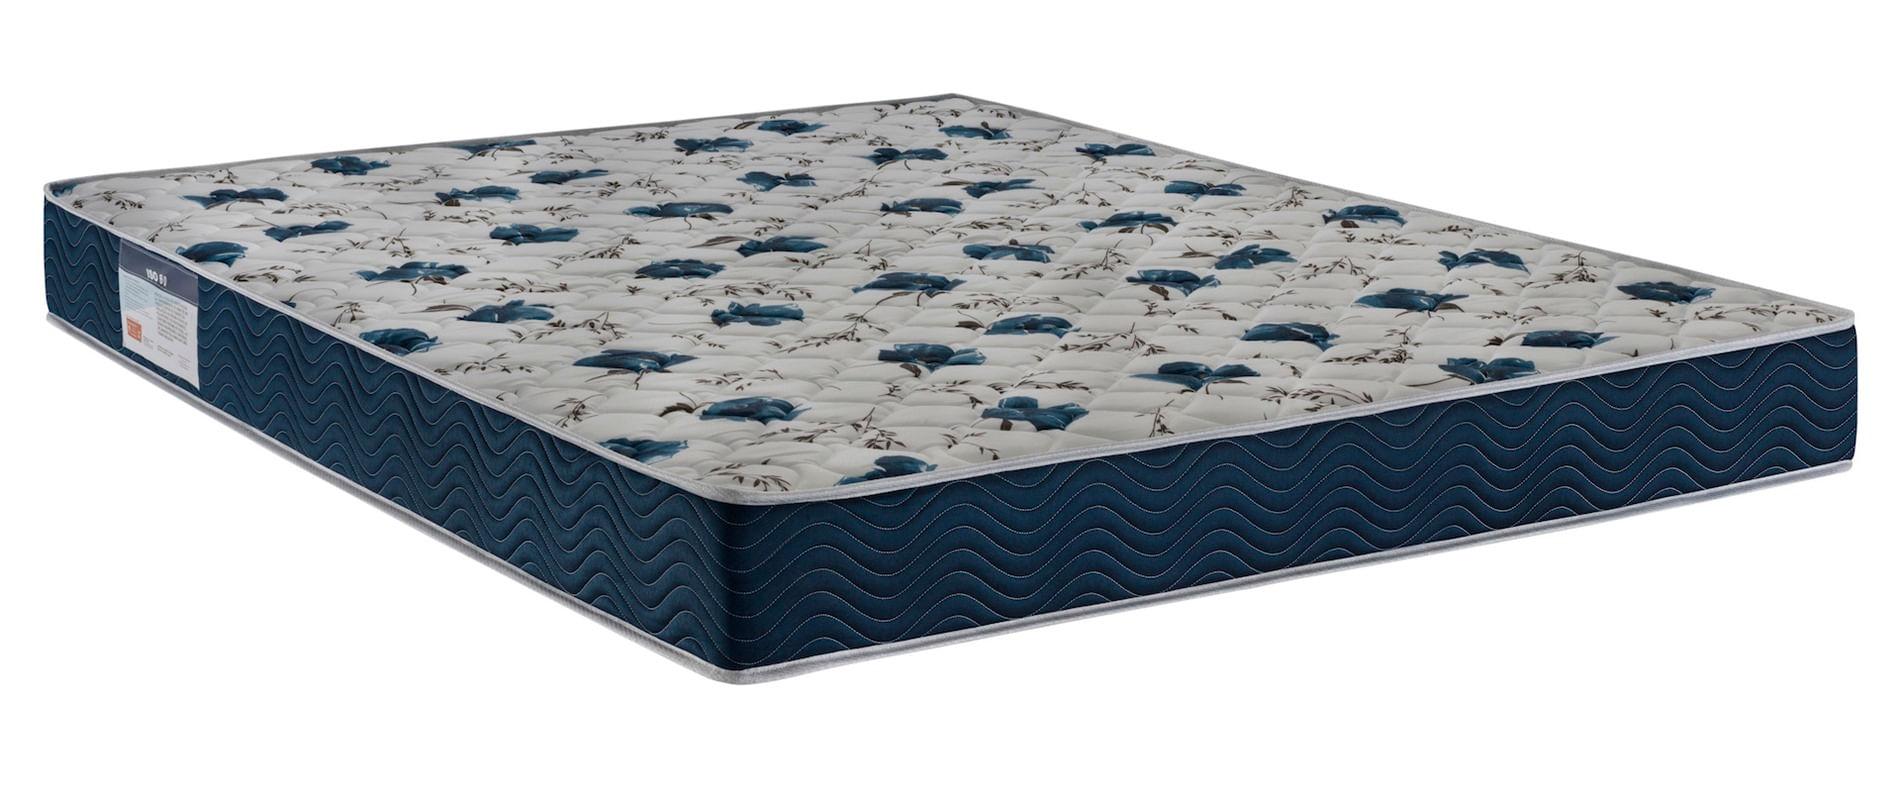 Colchao Iso 6.0 - D28 Casal 138 cm (LARG) Azul e Branco - 52003